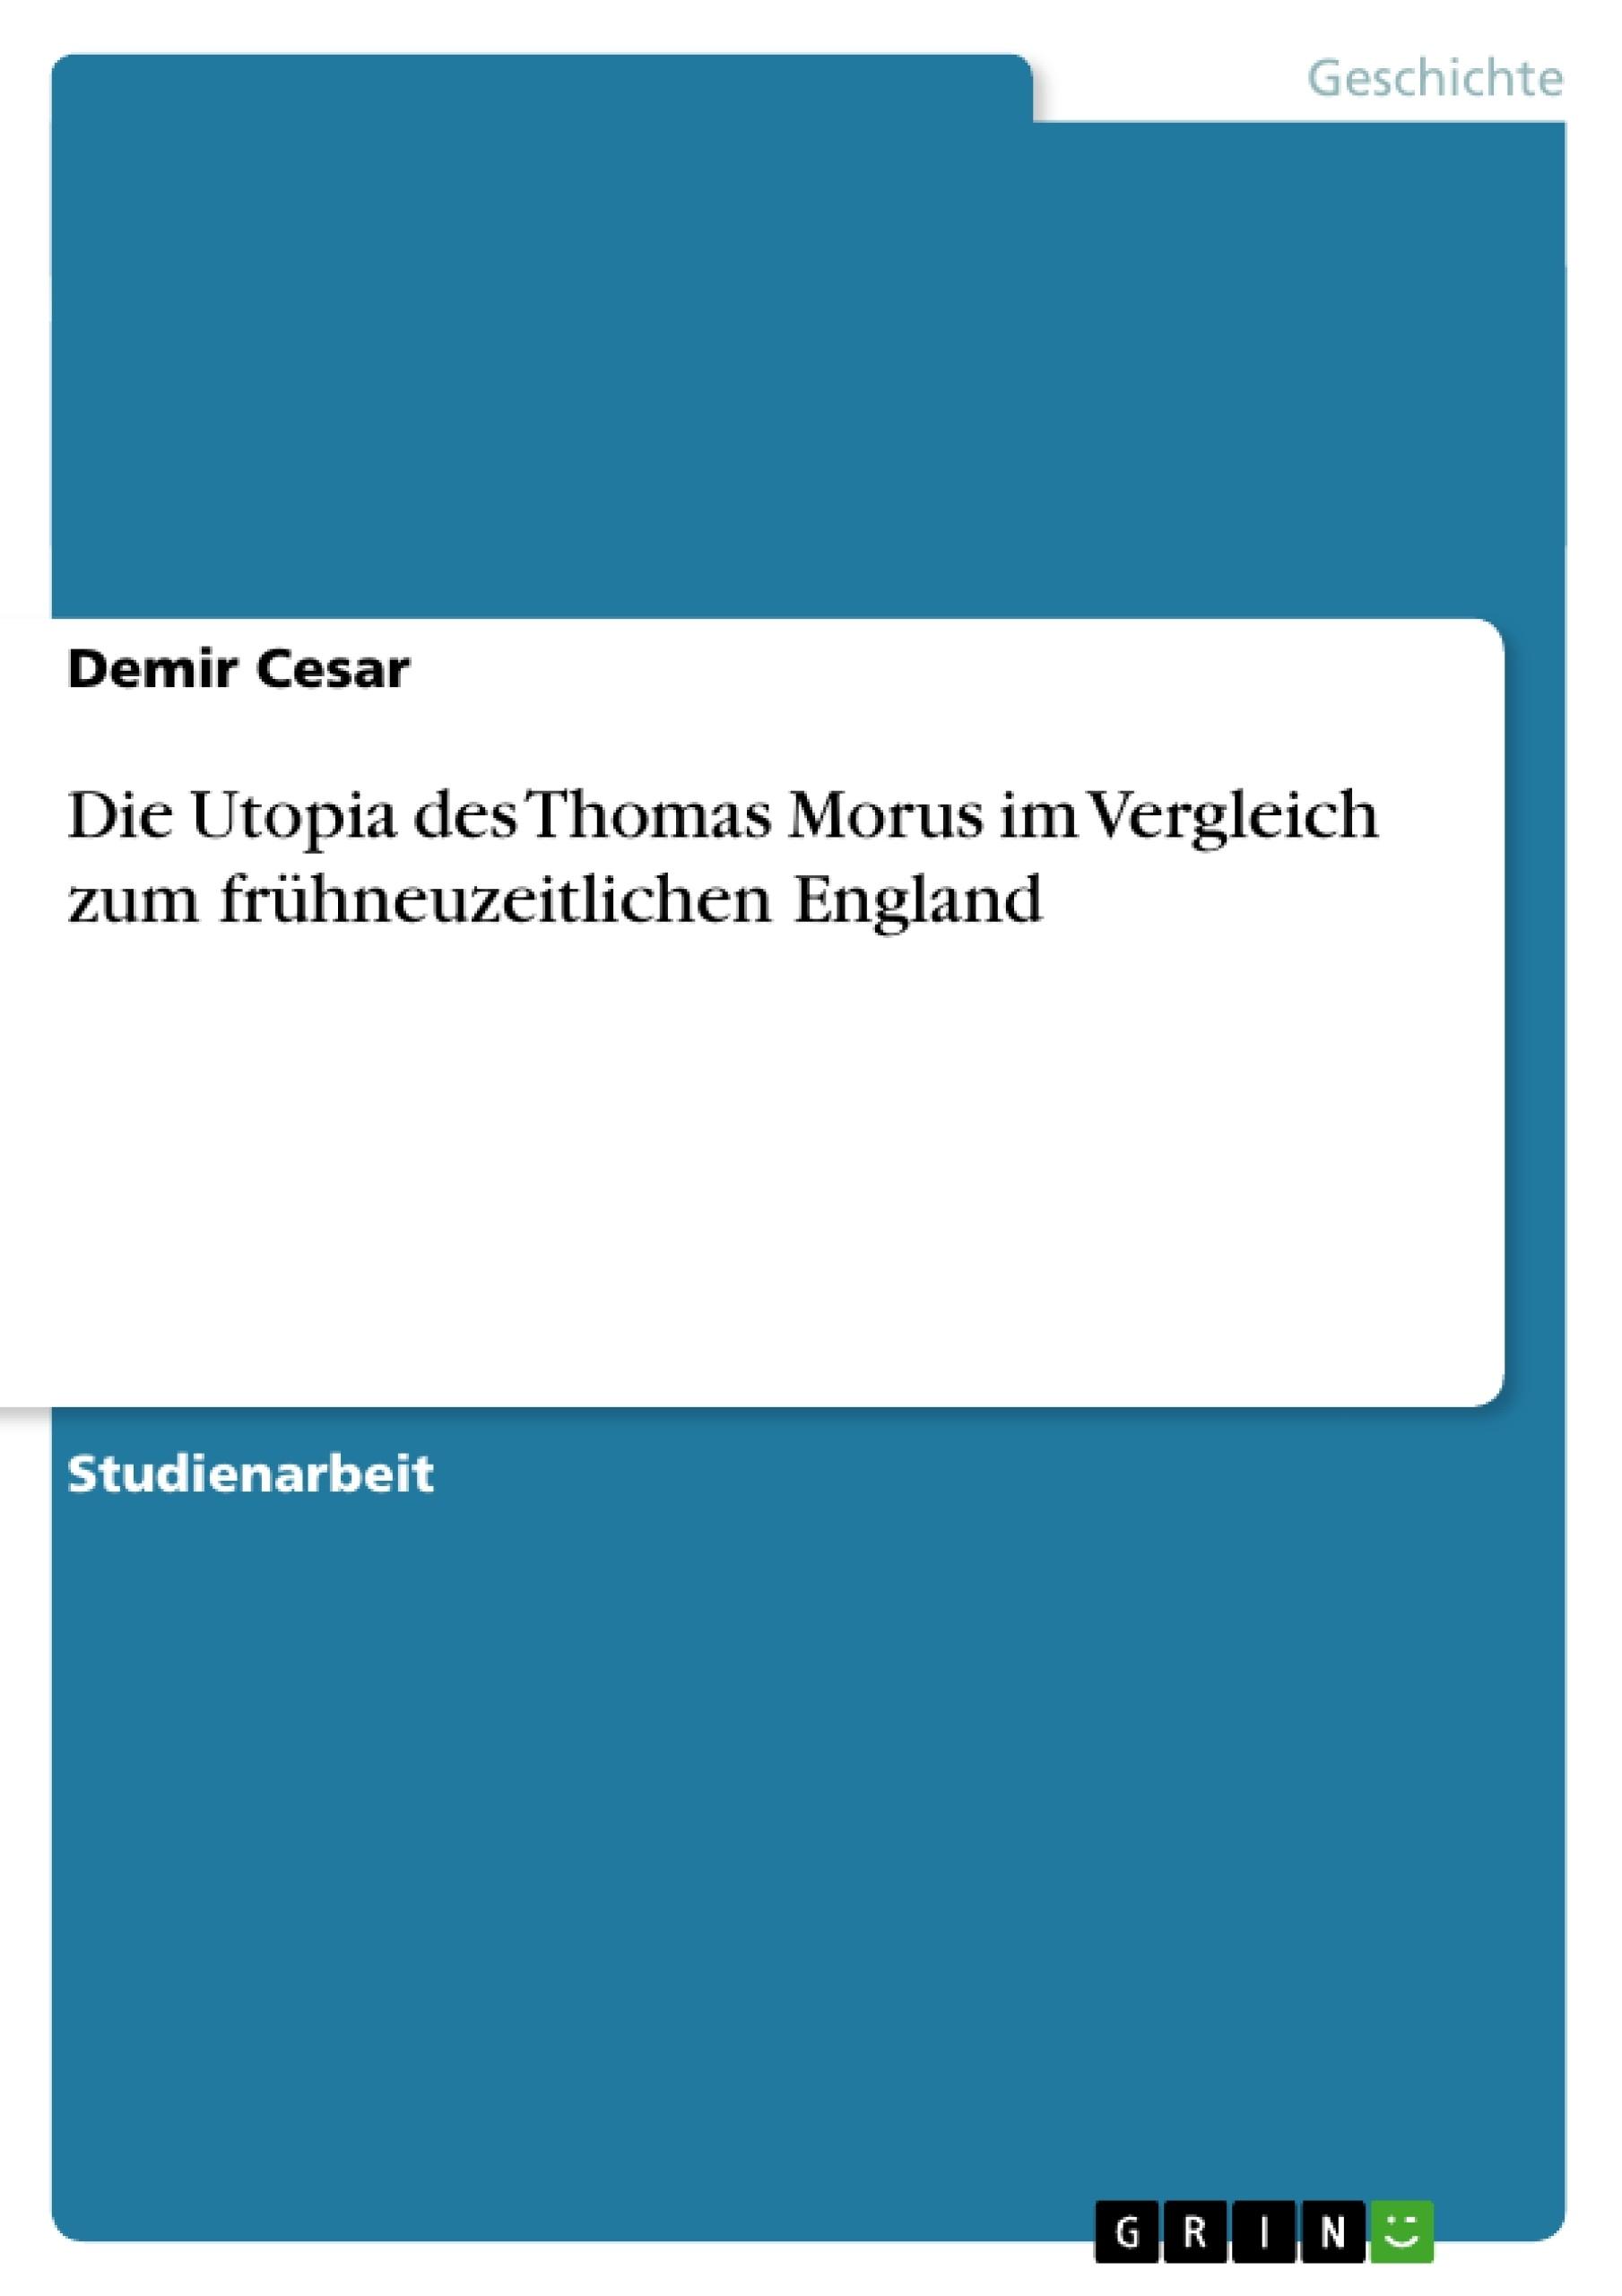 Titel: Die Utopia des Thomas Morus im Vergleich zum frühneuzeitlichen England